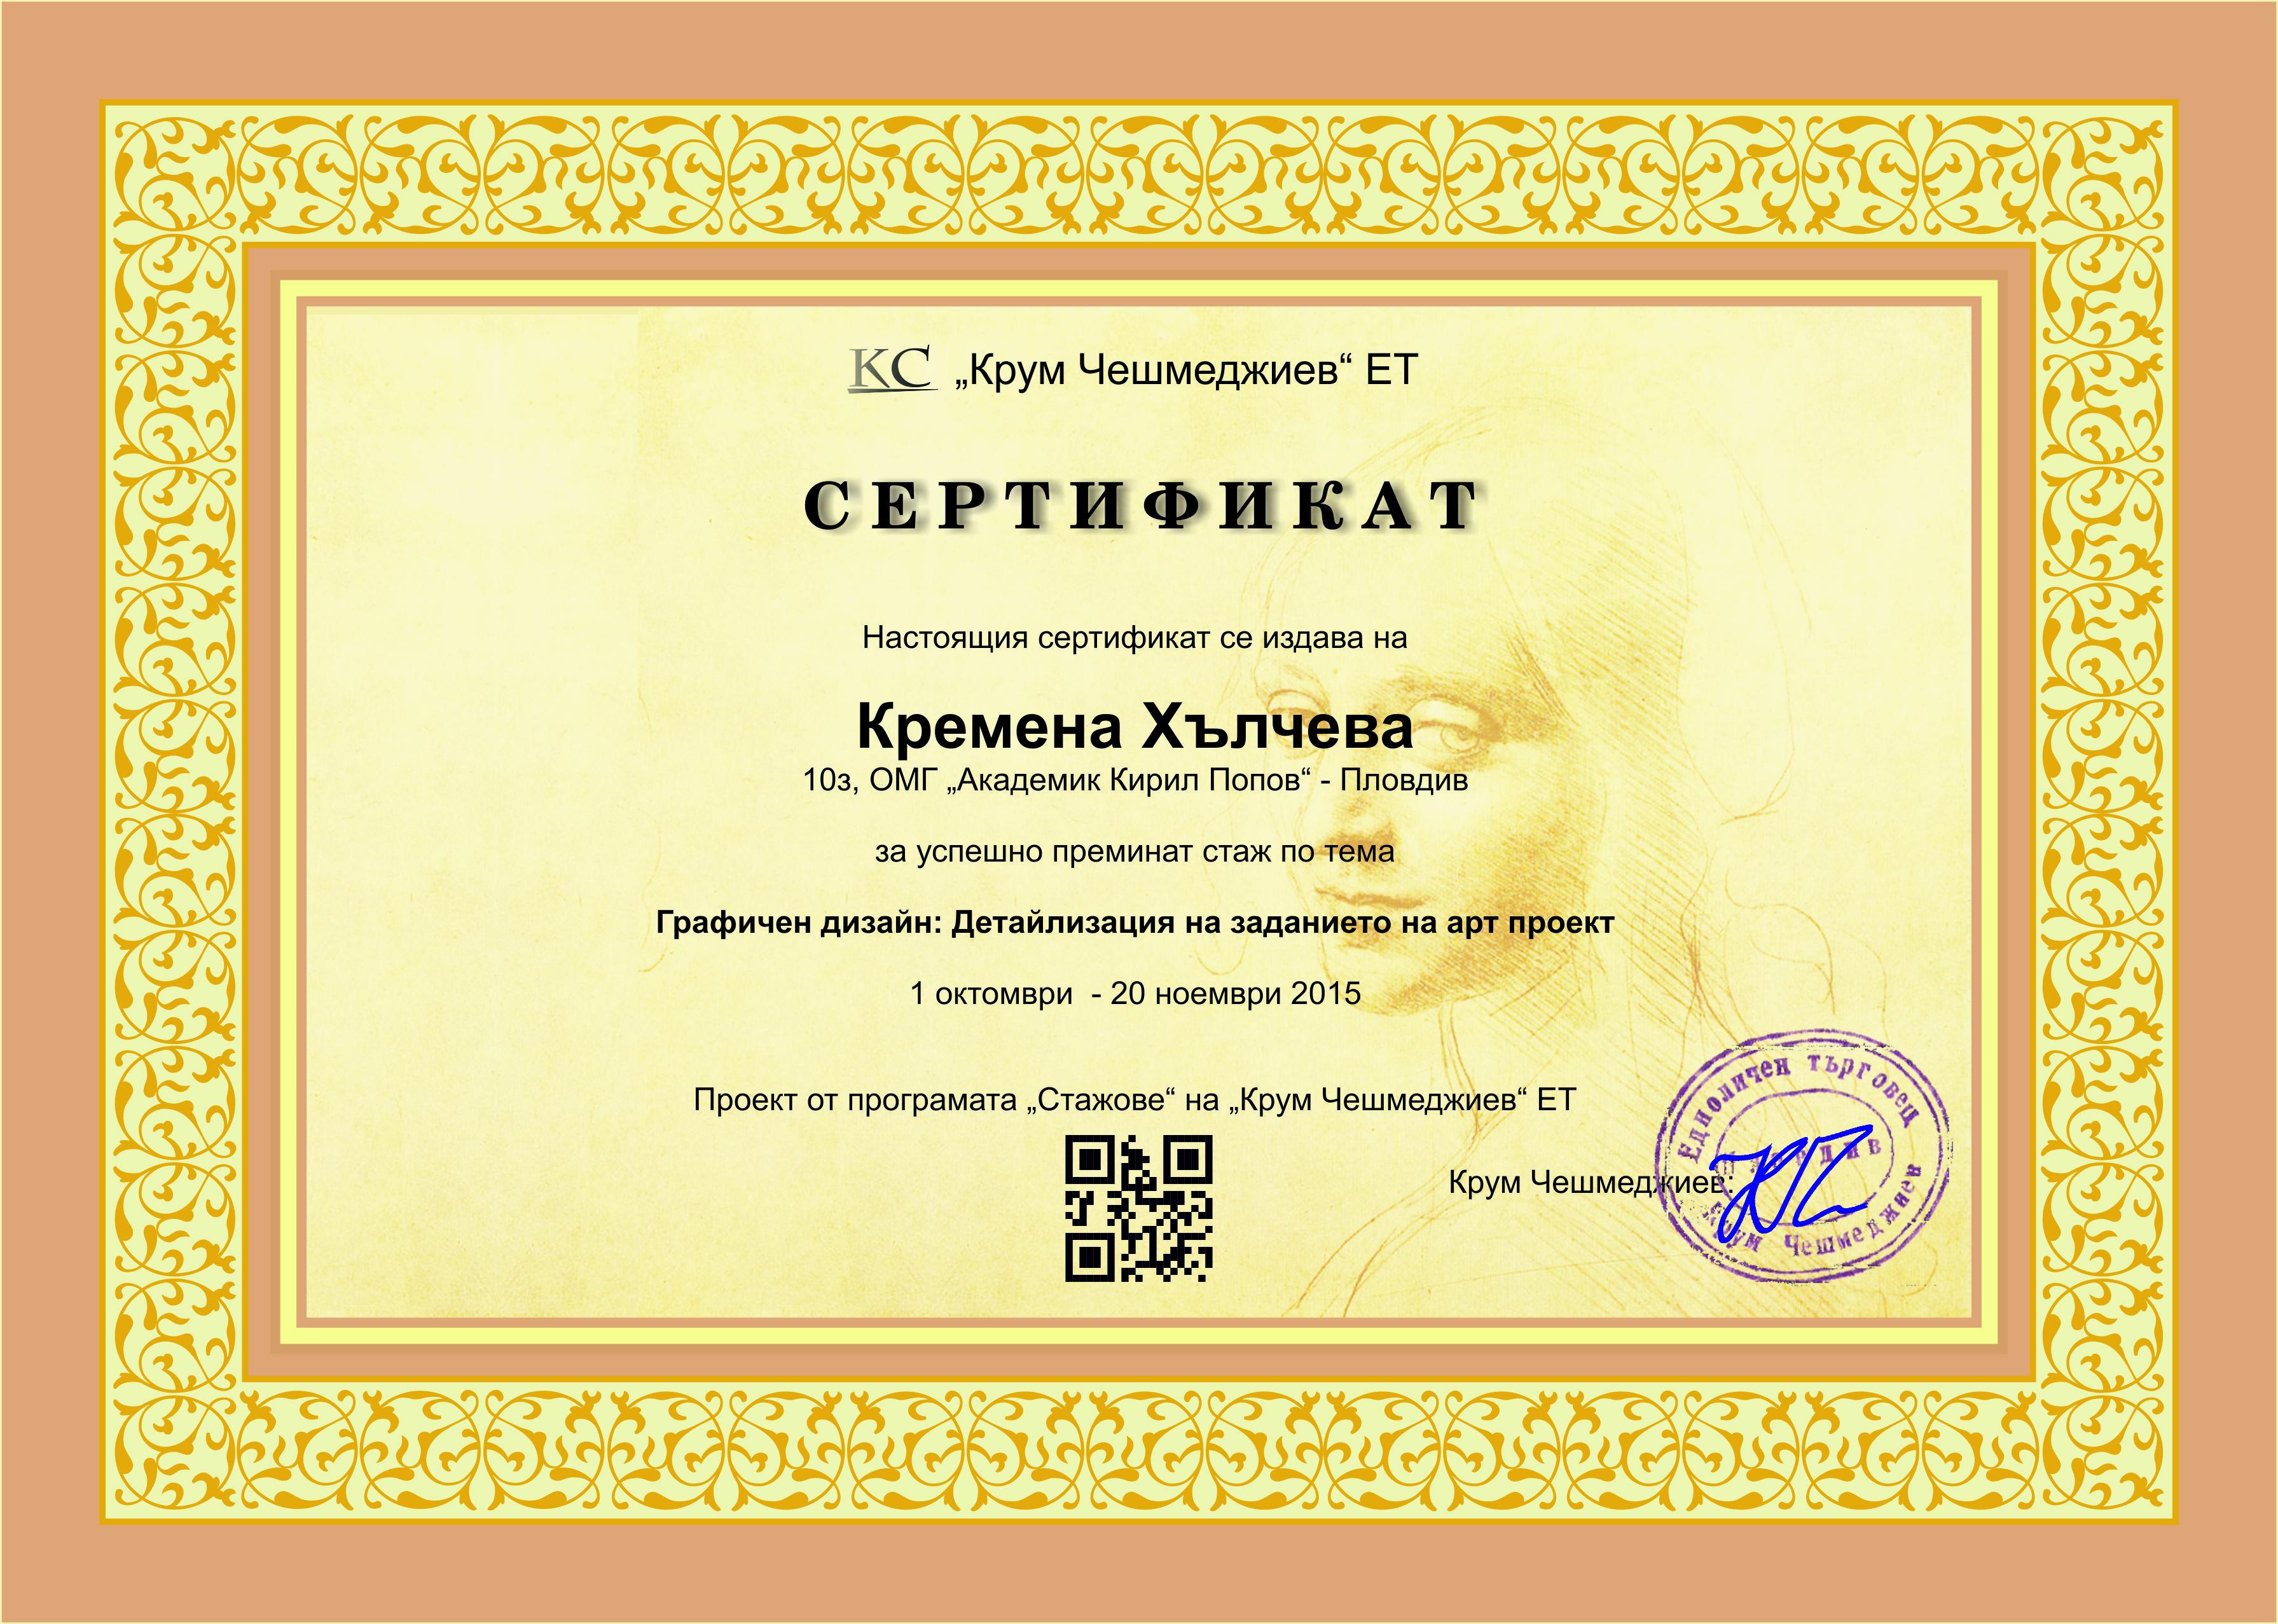 Кремена Хълчева (сертификат)